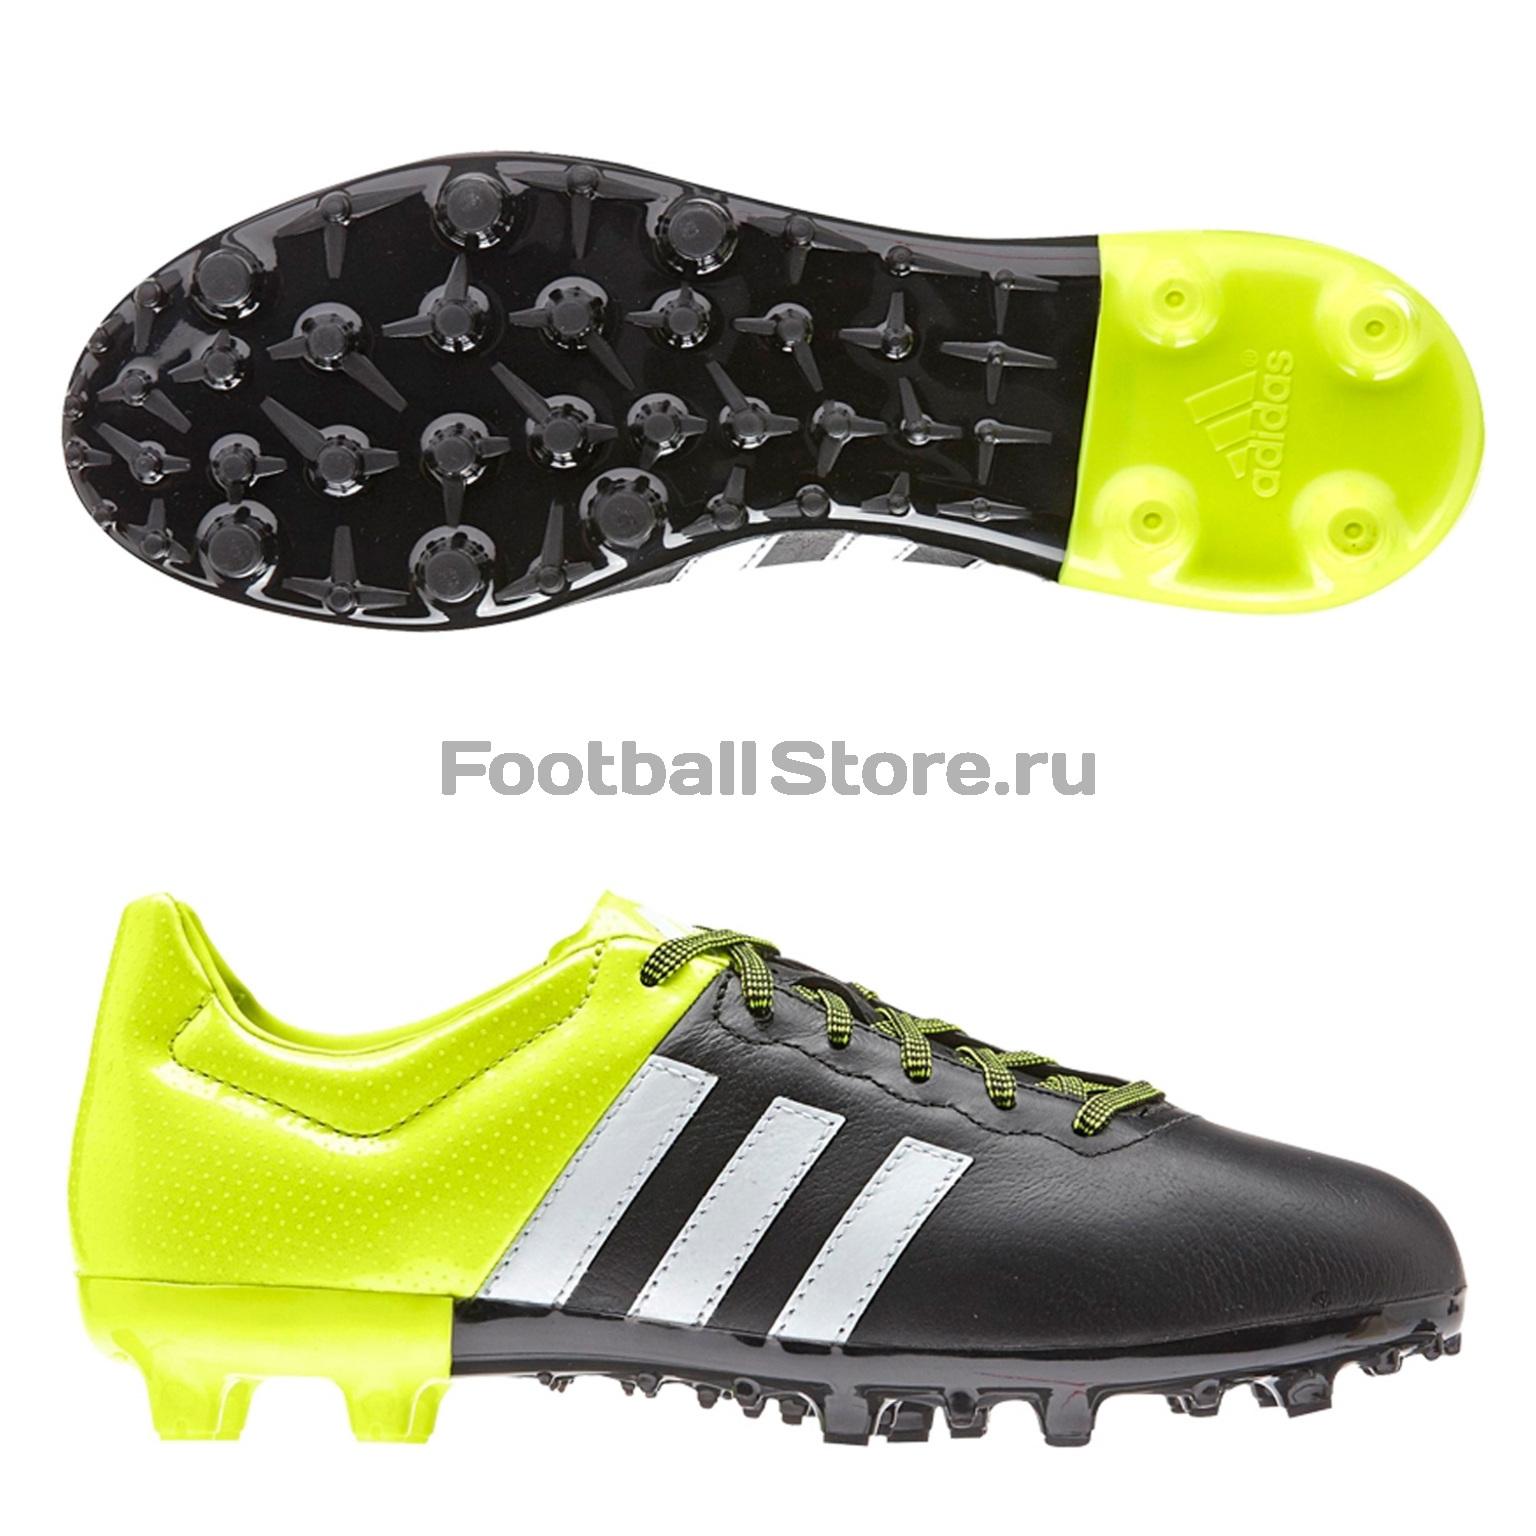 e6b5df9d Бутсы Adidas ACE 15.3 FG/AG JR B32808 – купить в интернет магазине ...